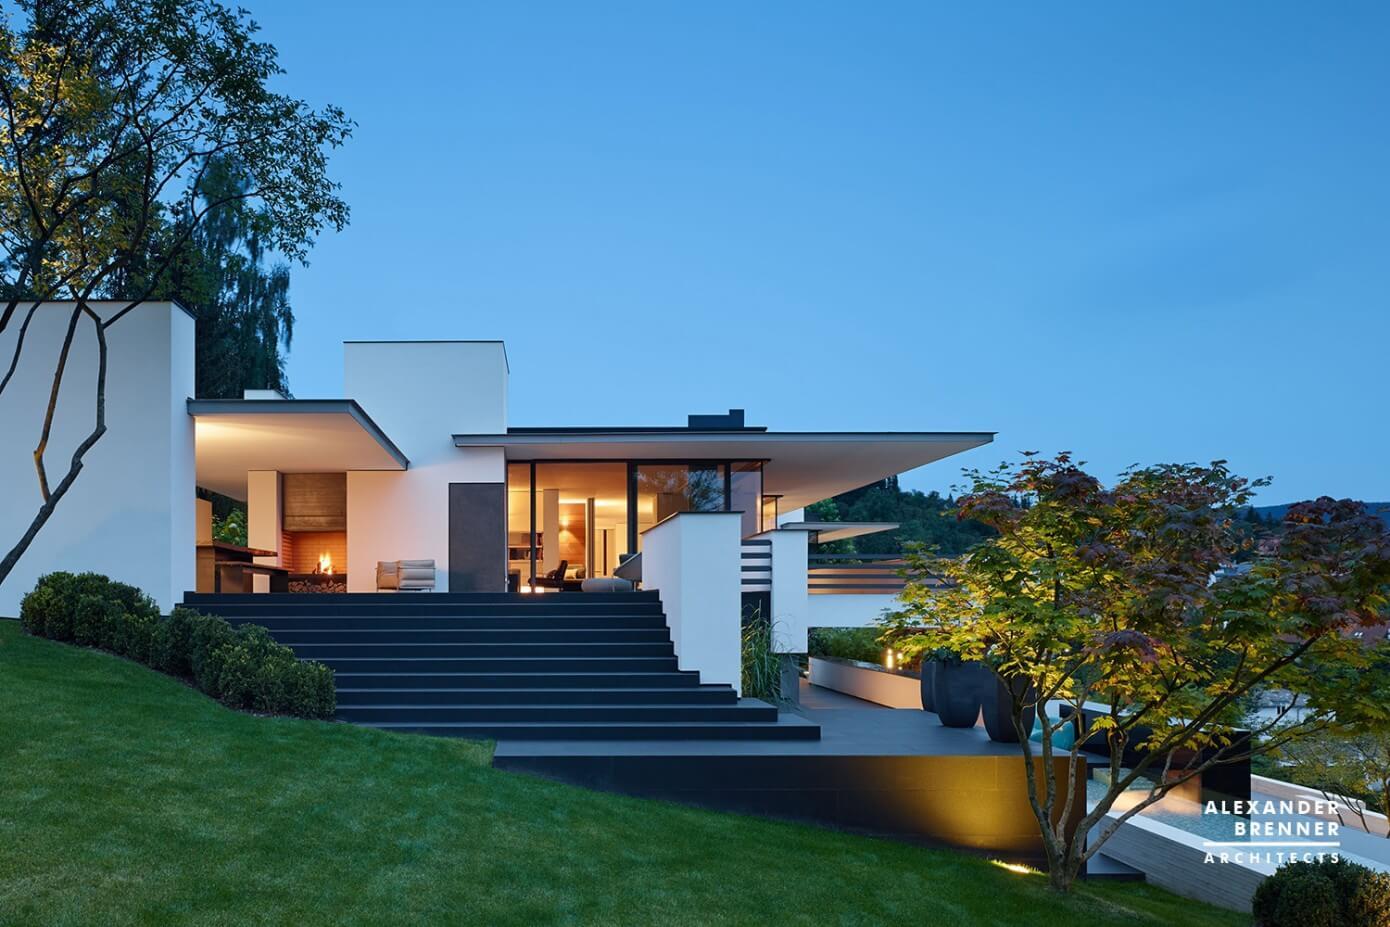 Architekten Reutlingen 014 house reutlingen brenner architekten homeadore